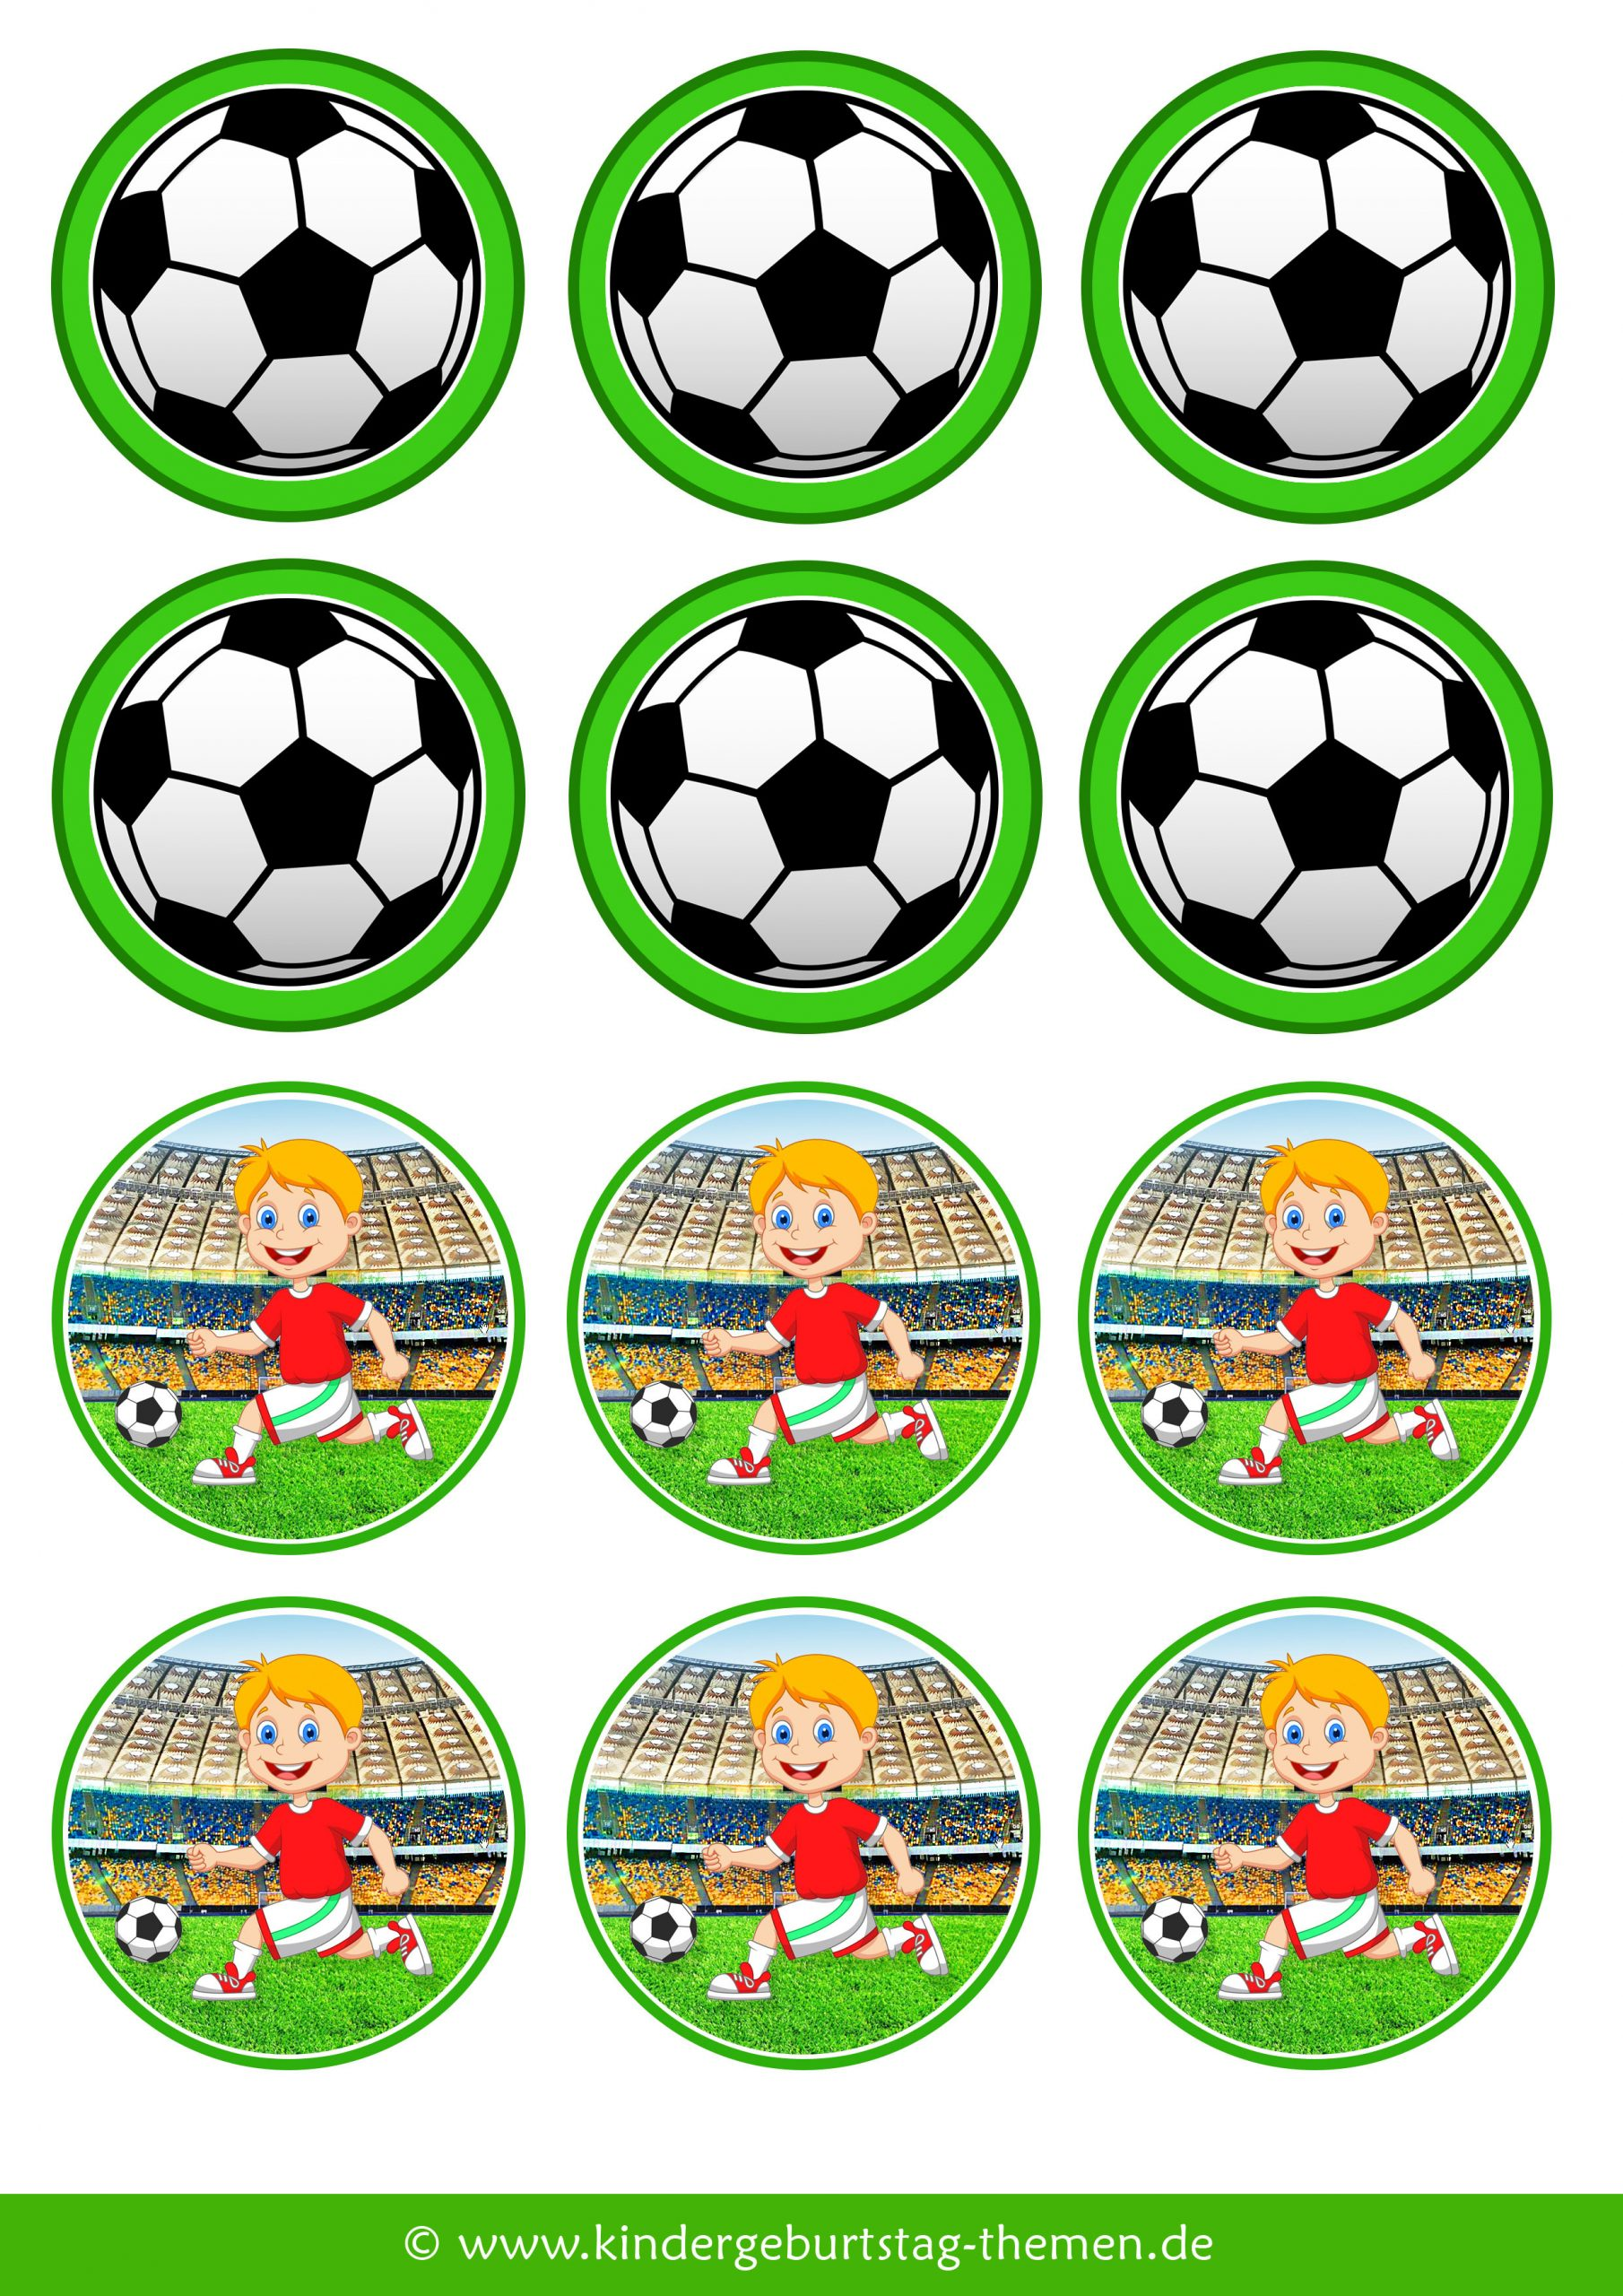 Fußball Deko: Vorlagen Von Cupcake-Fähnchen für Fußball Bilder Zum Ausdrucken